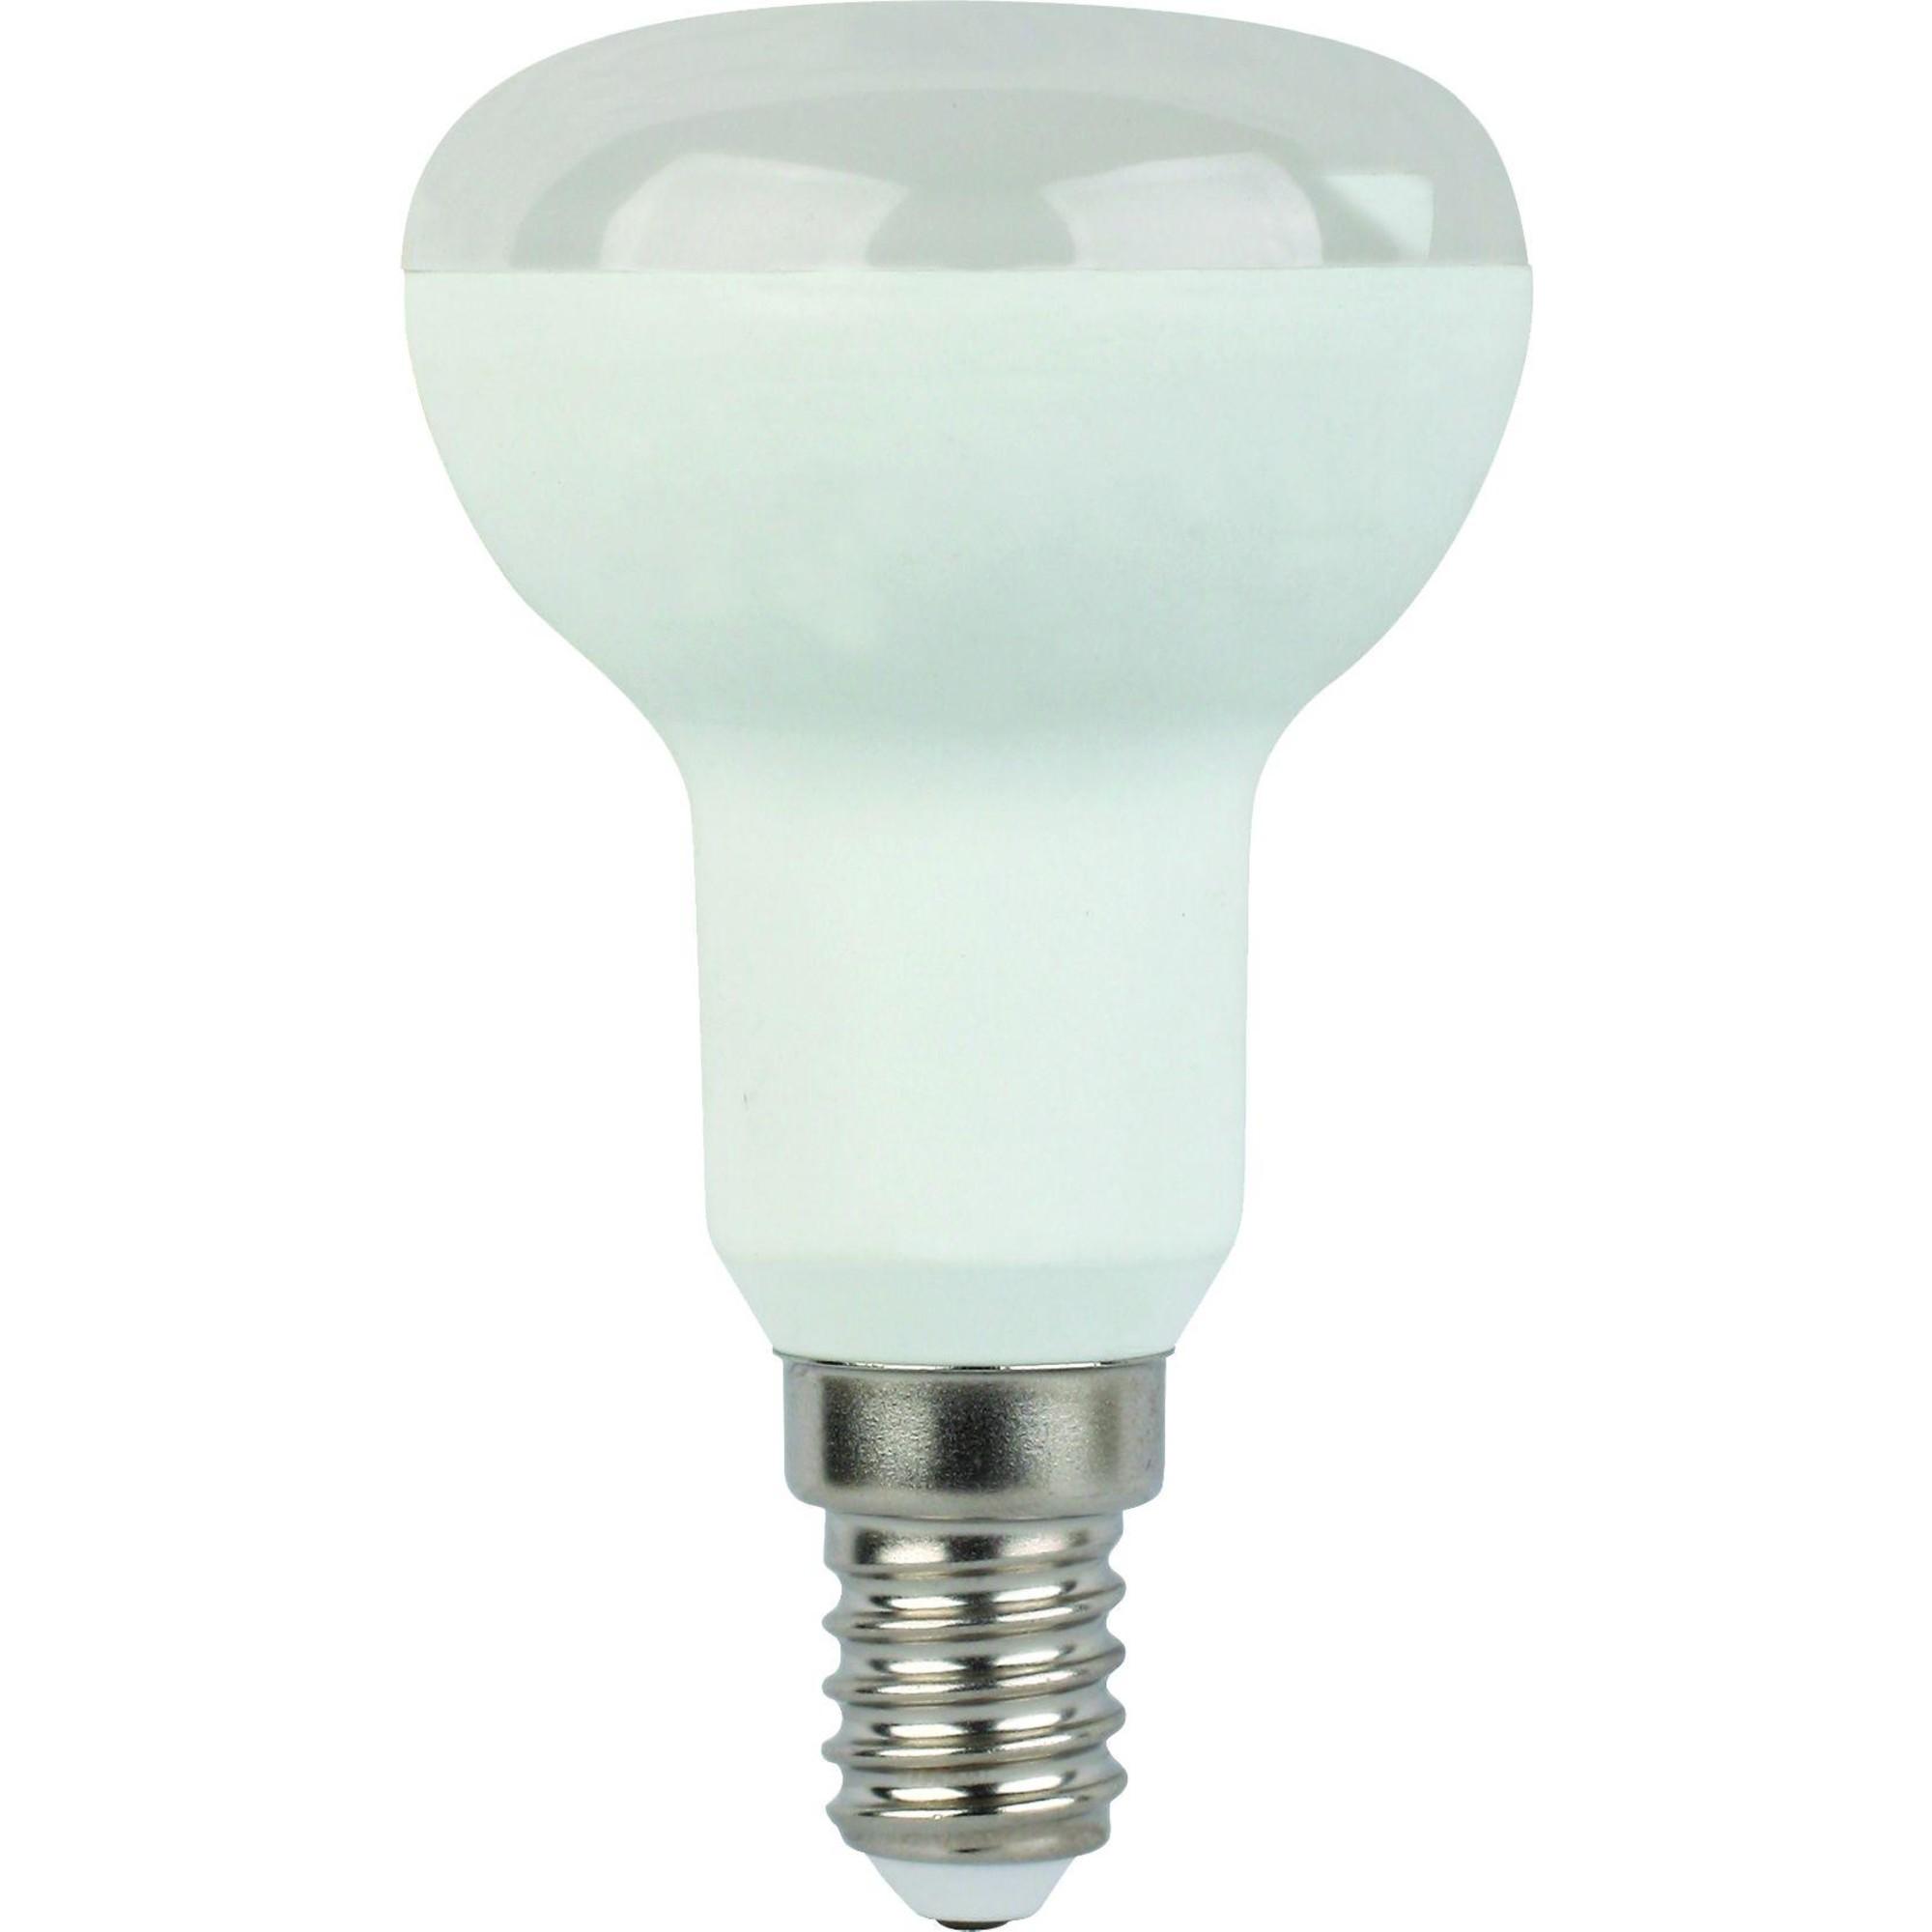 Лампа Ecola стандарт светодионая E14 5.40 Вт рефлекторная 430 Лм теплый свет